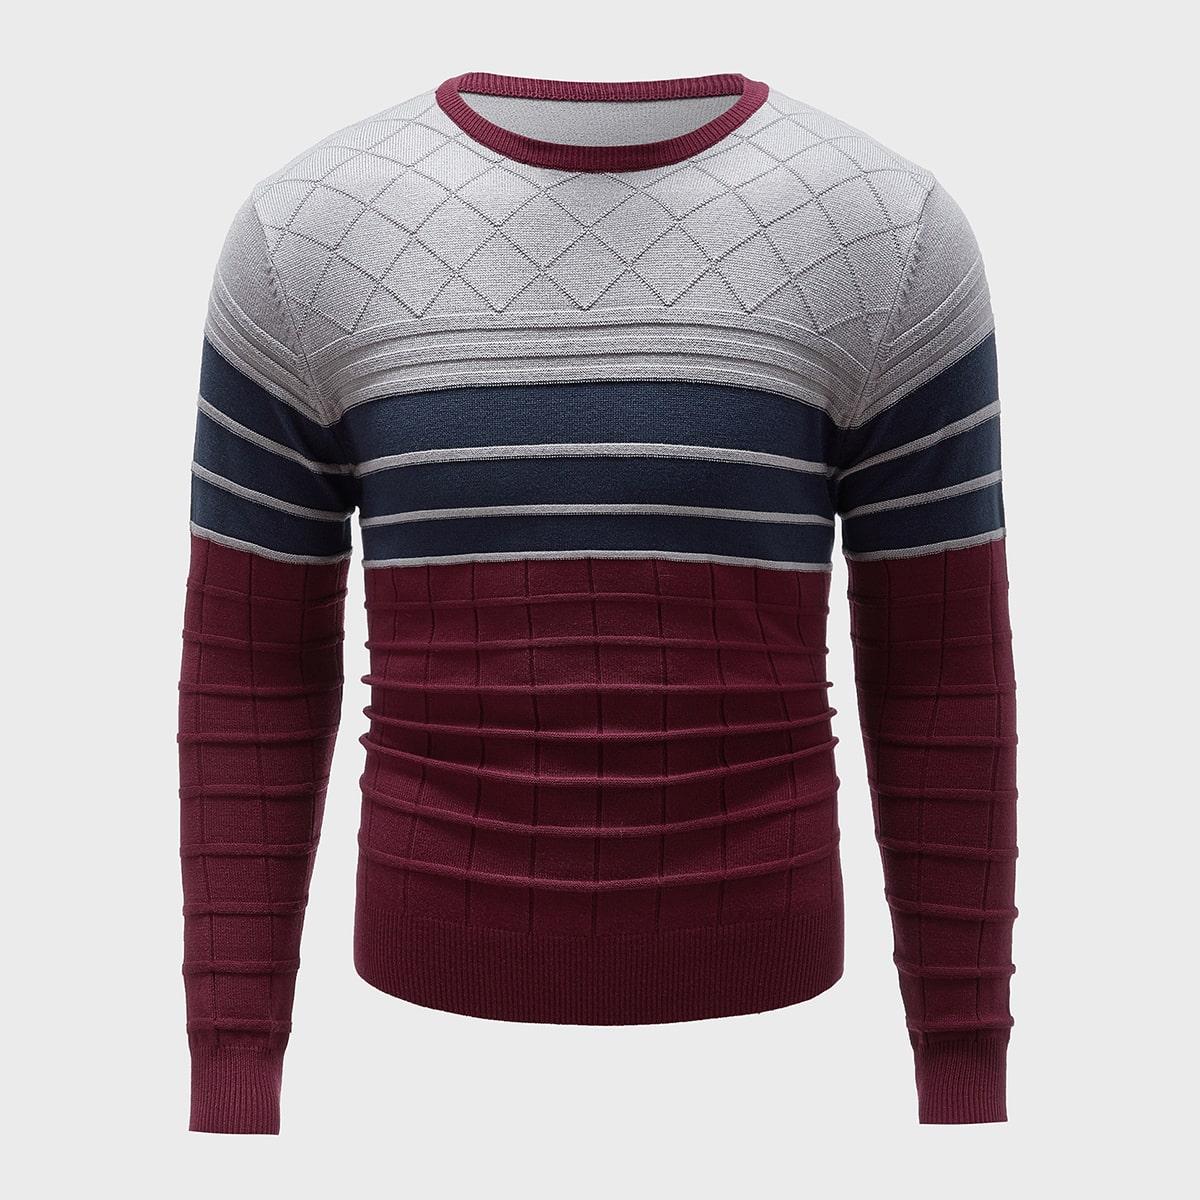 Мужской контрастный свитер с круглым воротником